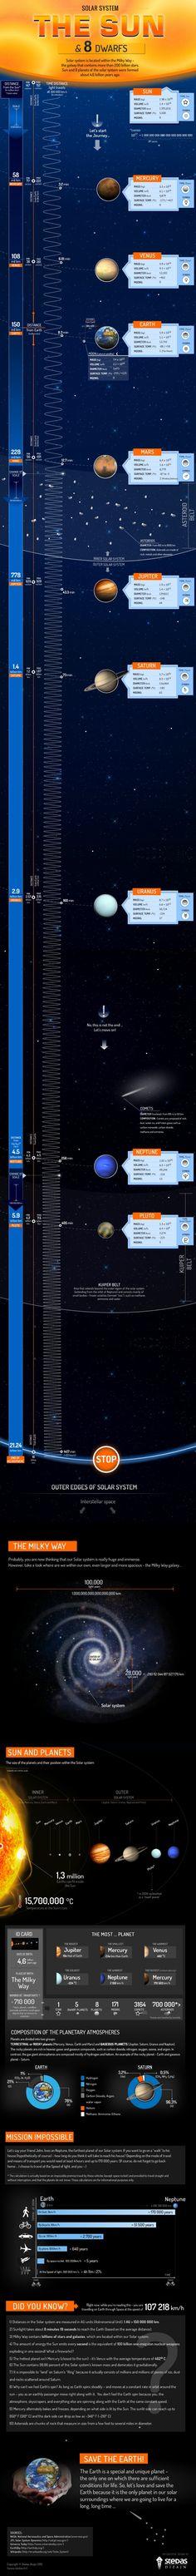 Sistema solar: el Sol y los 8 planetas